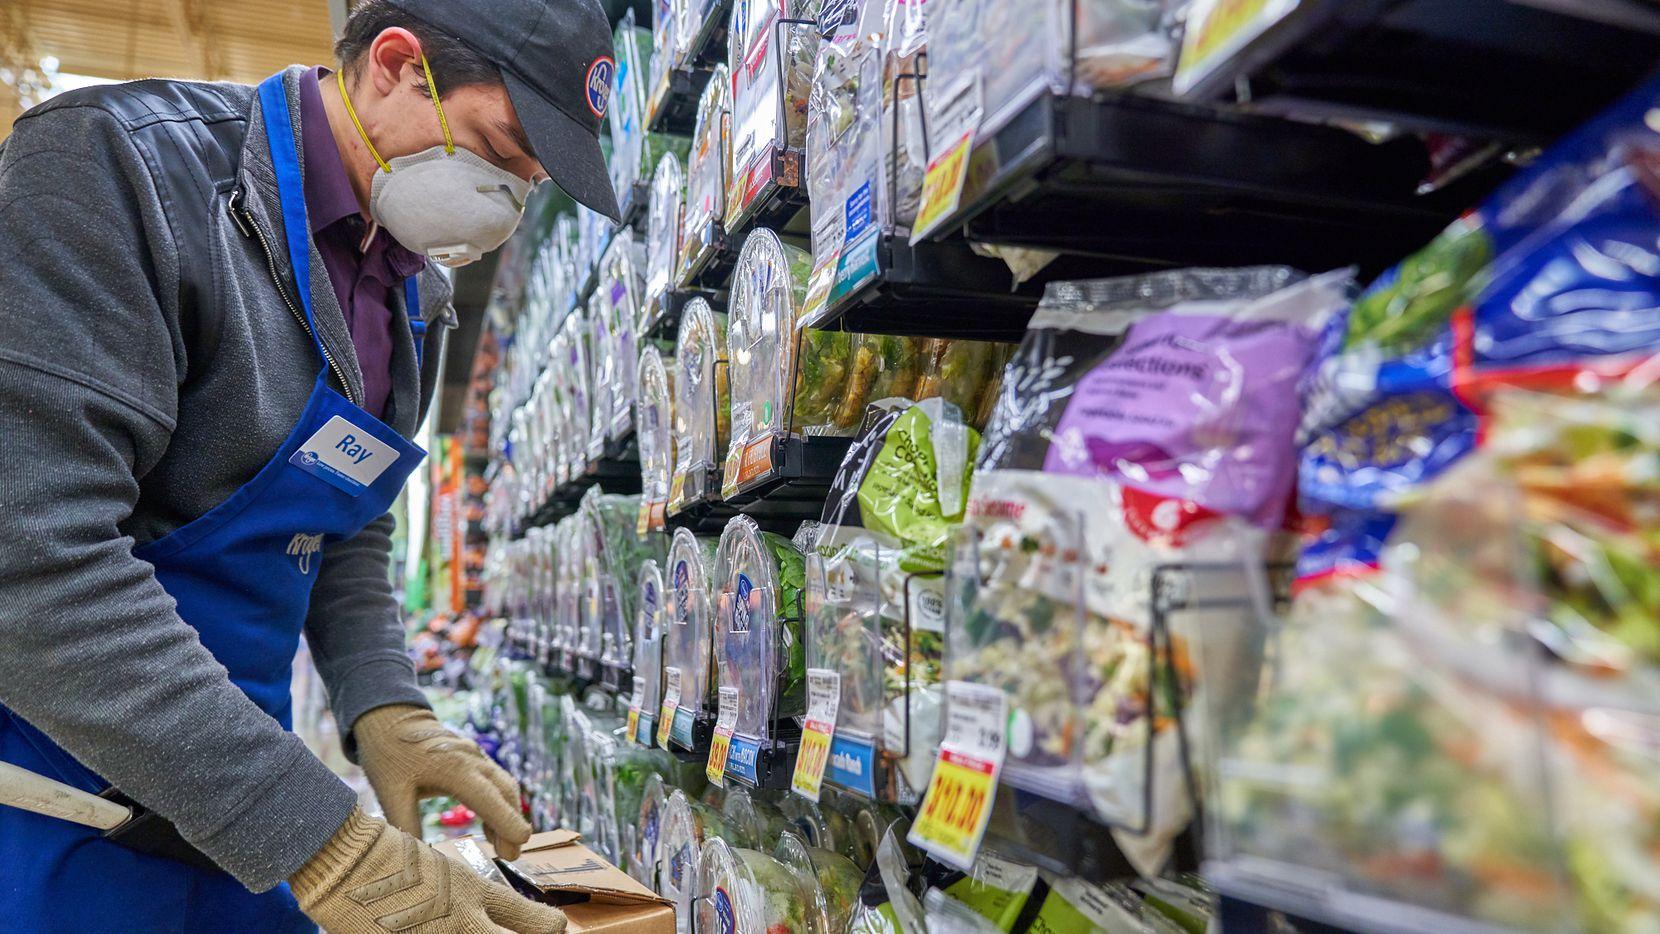 La cadena de supermercados Kroger tendrá un evento híbrido el jueves 10 de junio mediante el cual busca contratar a cientos de trabajadores que apoyen operaciones de ventas, comercio electrónico, farmacias, fabricación y logística.